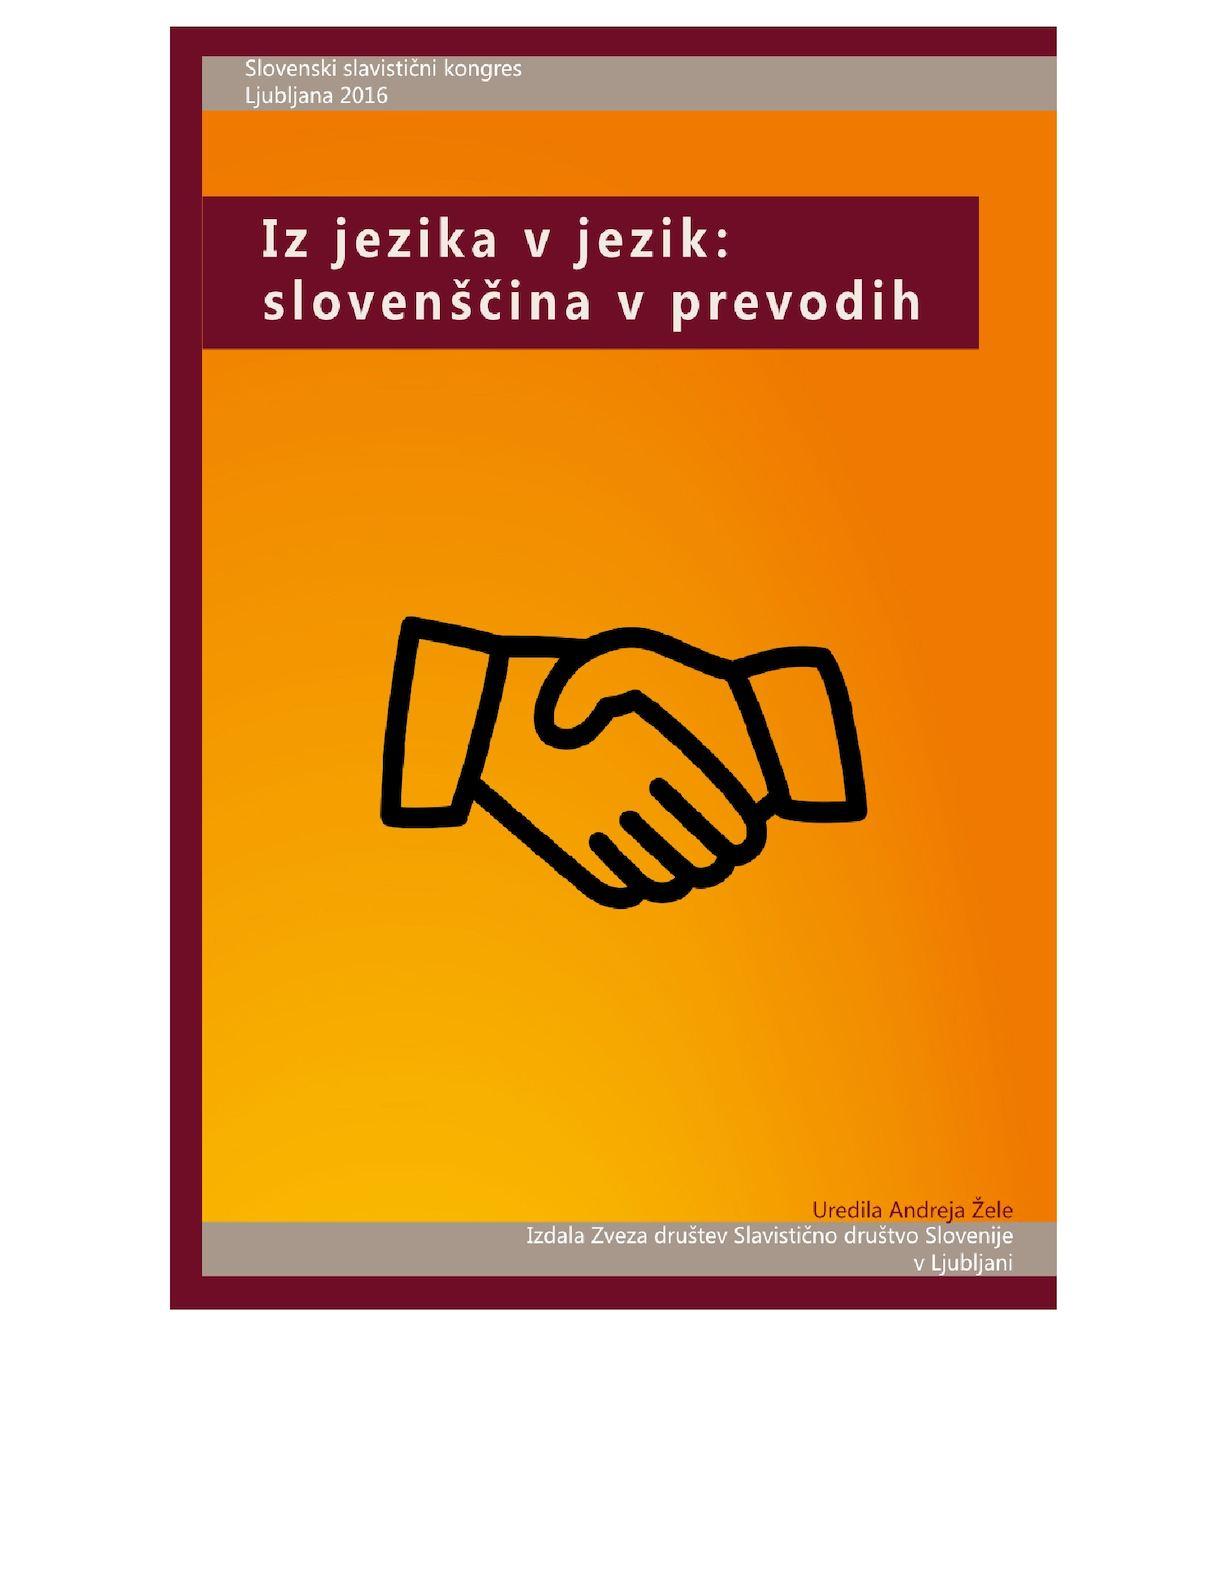 Iz jezika v jezik: slovenščina v prevodih